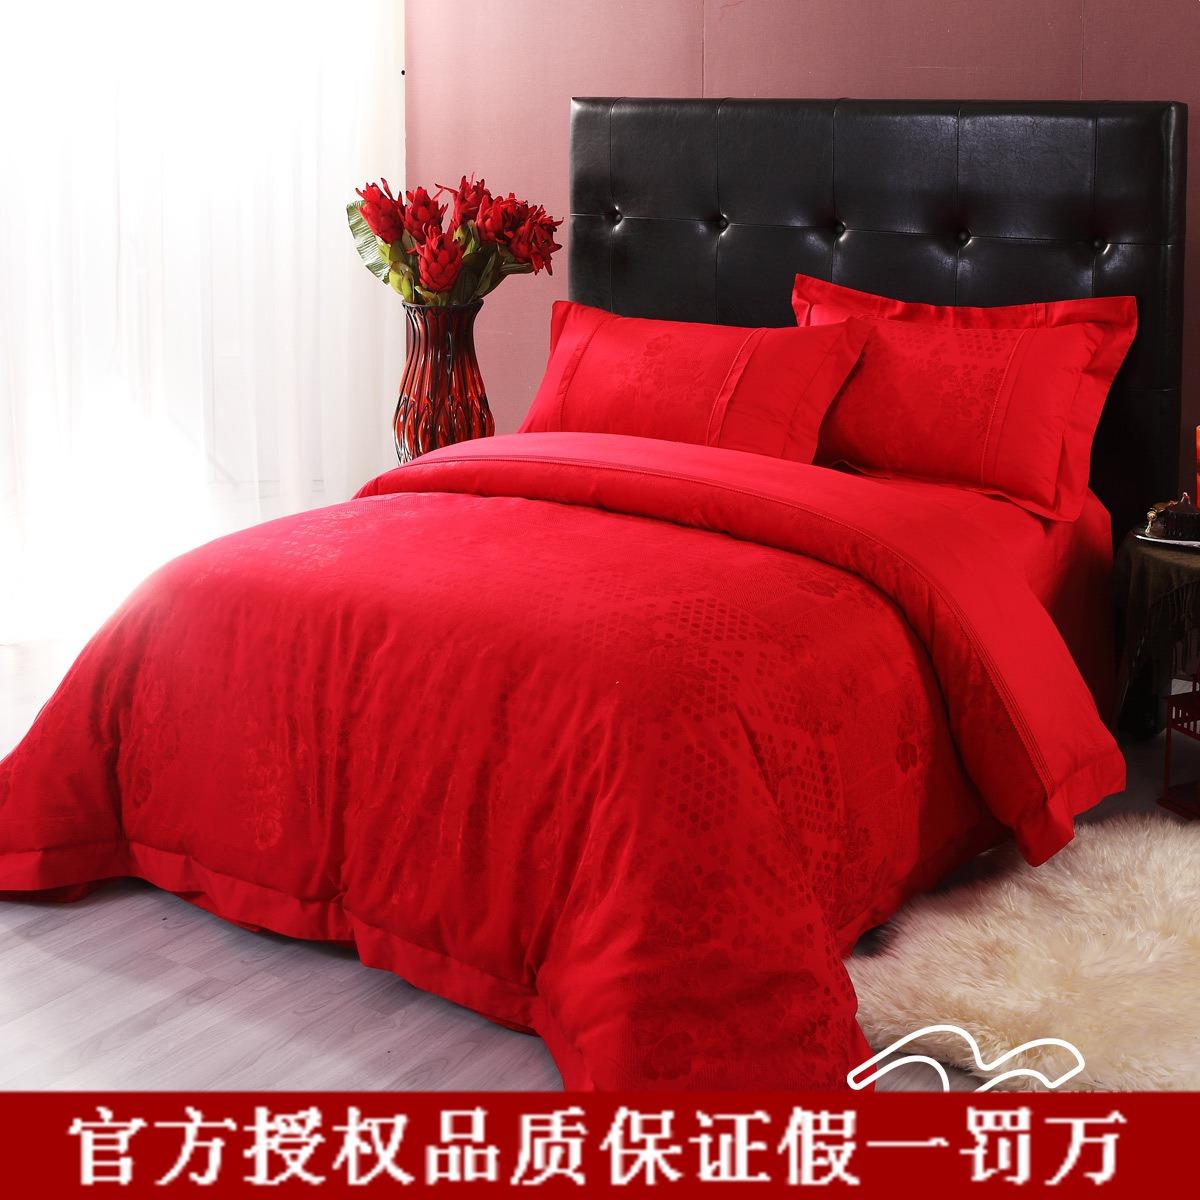 【授权正品】水星家纺如诗如画床上用品全棉纯棉婚庆大红色四件套